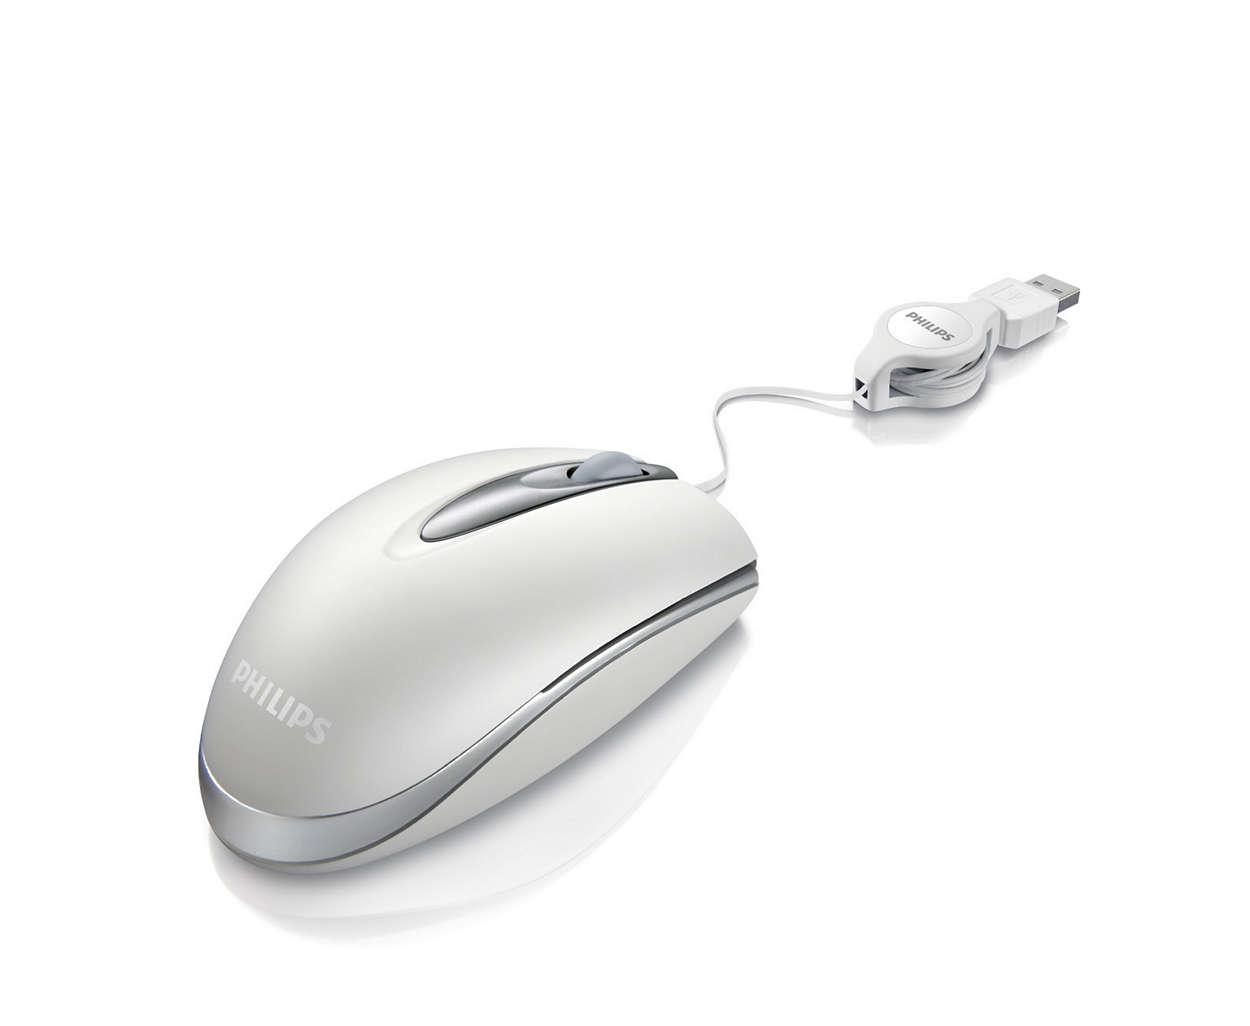 Ratón para portátil con cable